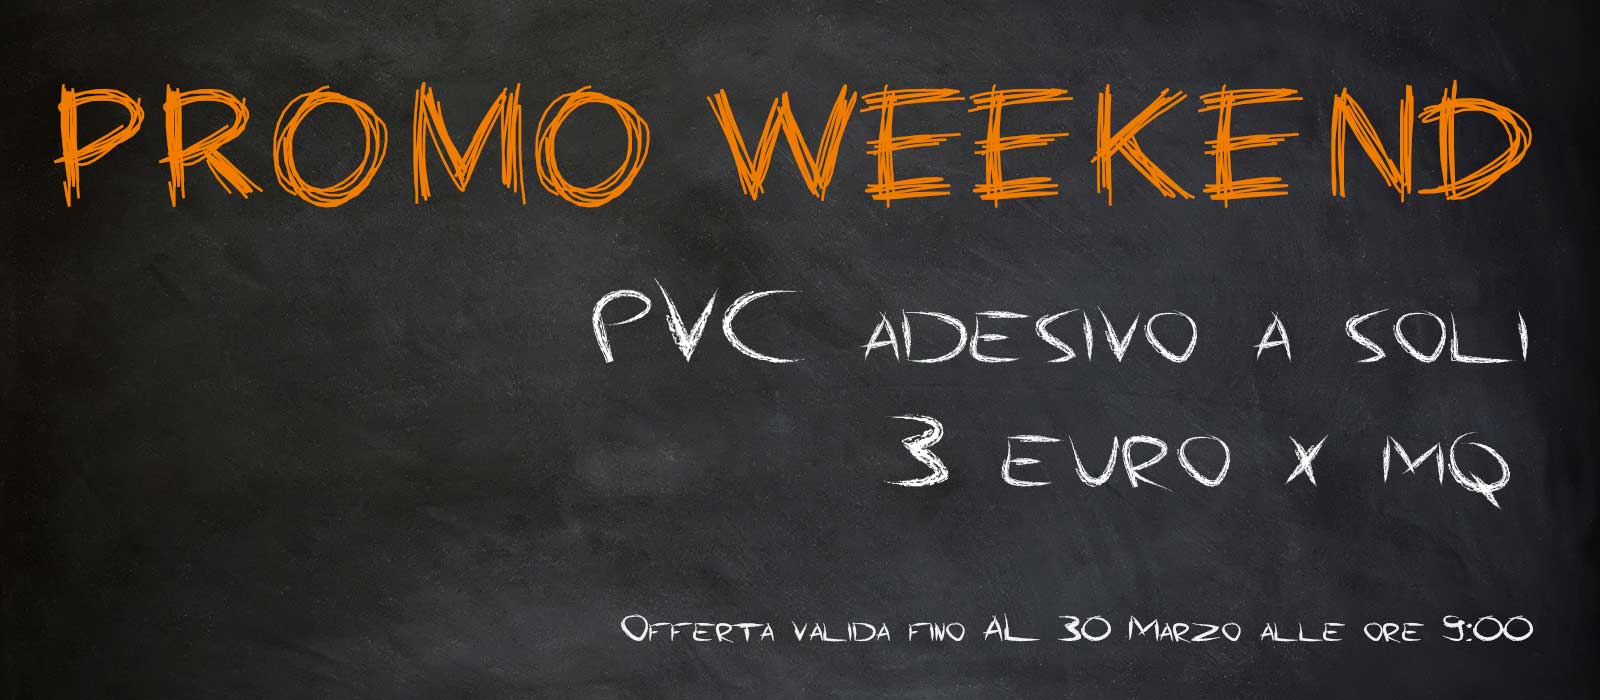 Lavagna Promoweekend 27 03